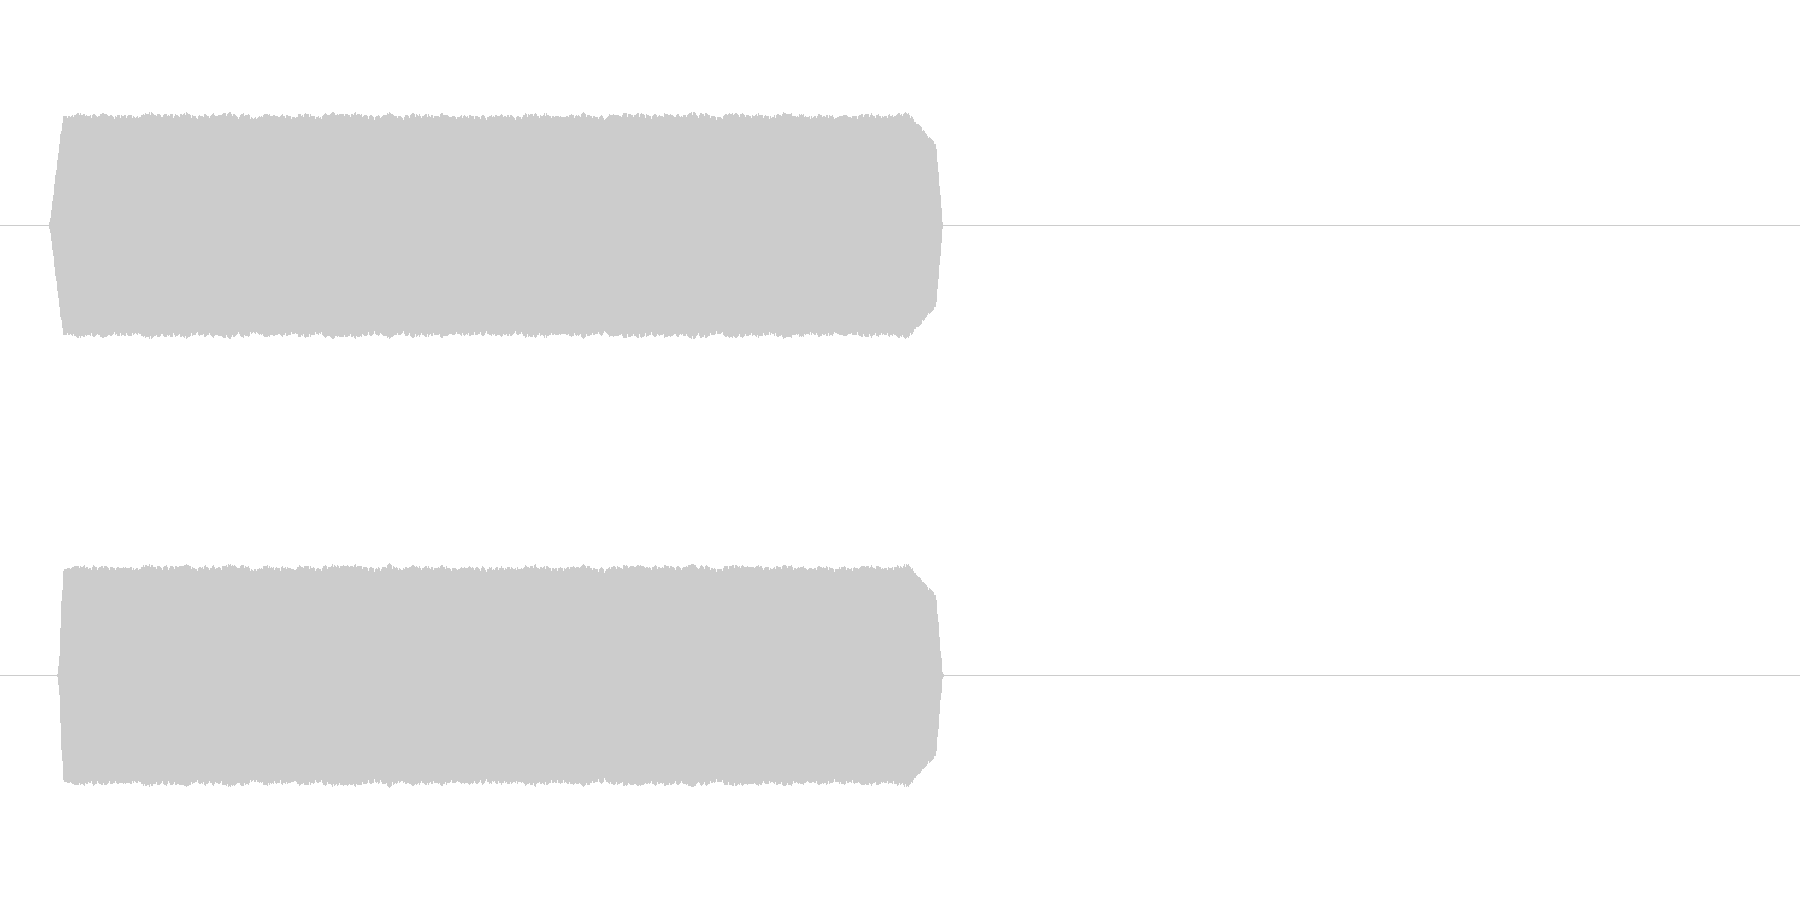 通話中の音や留守電のメッセージ音の未再生の波形